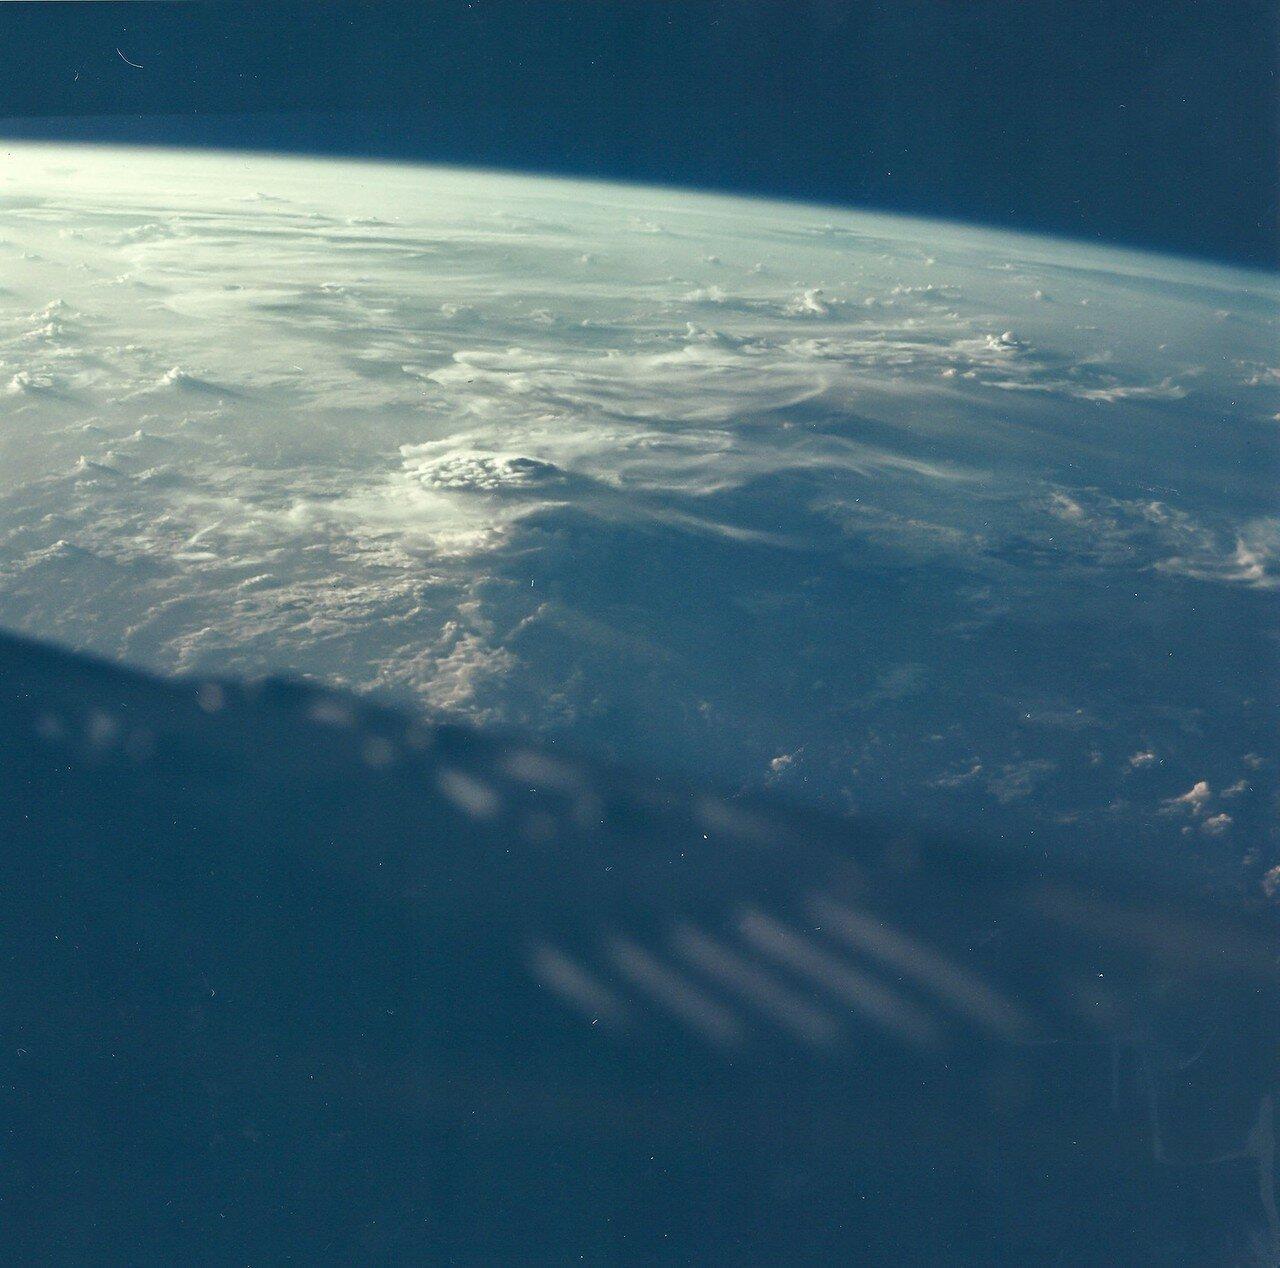 35. 1965, август. Вид заката из космоса. «Джемини»-5, пилотируемый Гордоном Купером и Чарльзом Конрадом. Первый рекорд длительности полёта, установленный астронавтами США. Из-за падения давления в топливном элементе не удалось провести сближение с мишенью